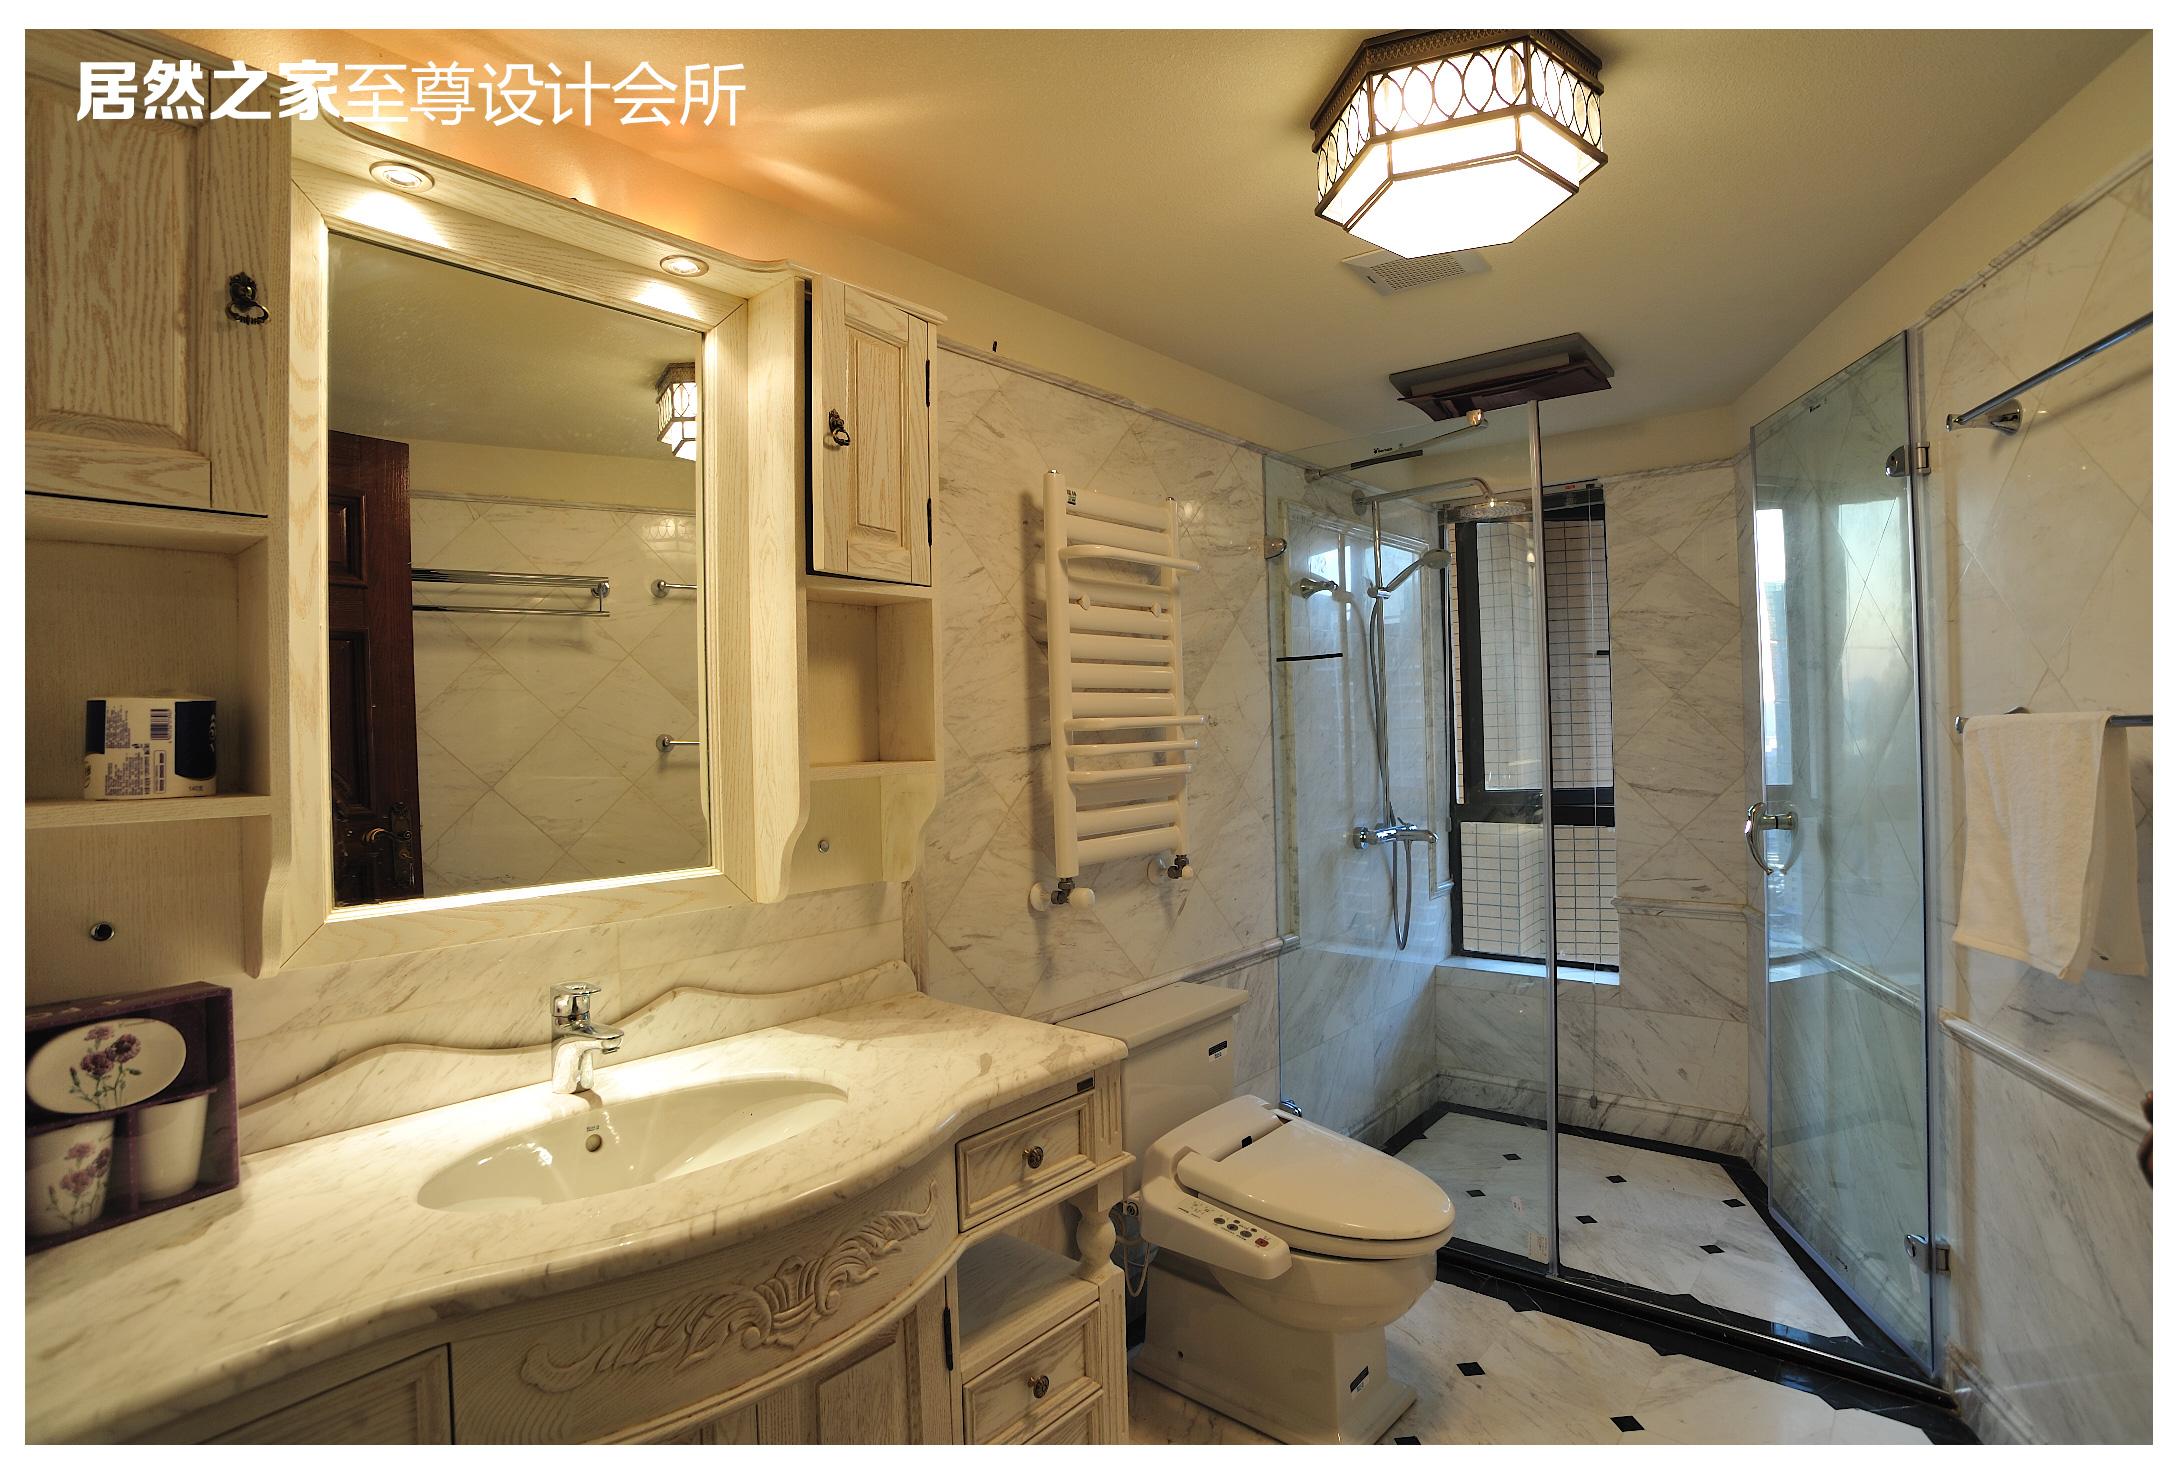 美式 古典 卫生间图片来自武汉天合营造设计在复地东湖国际美式古典风情的分享